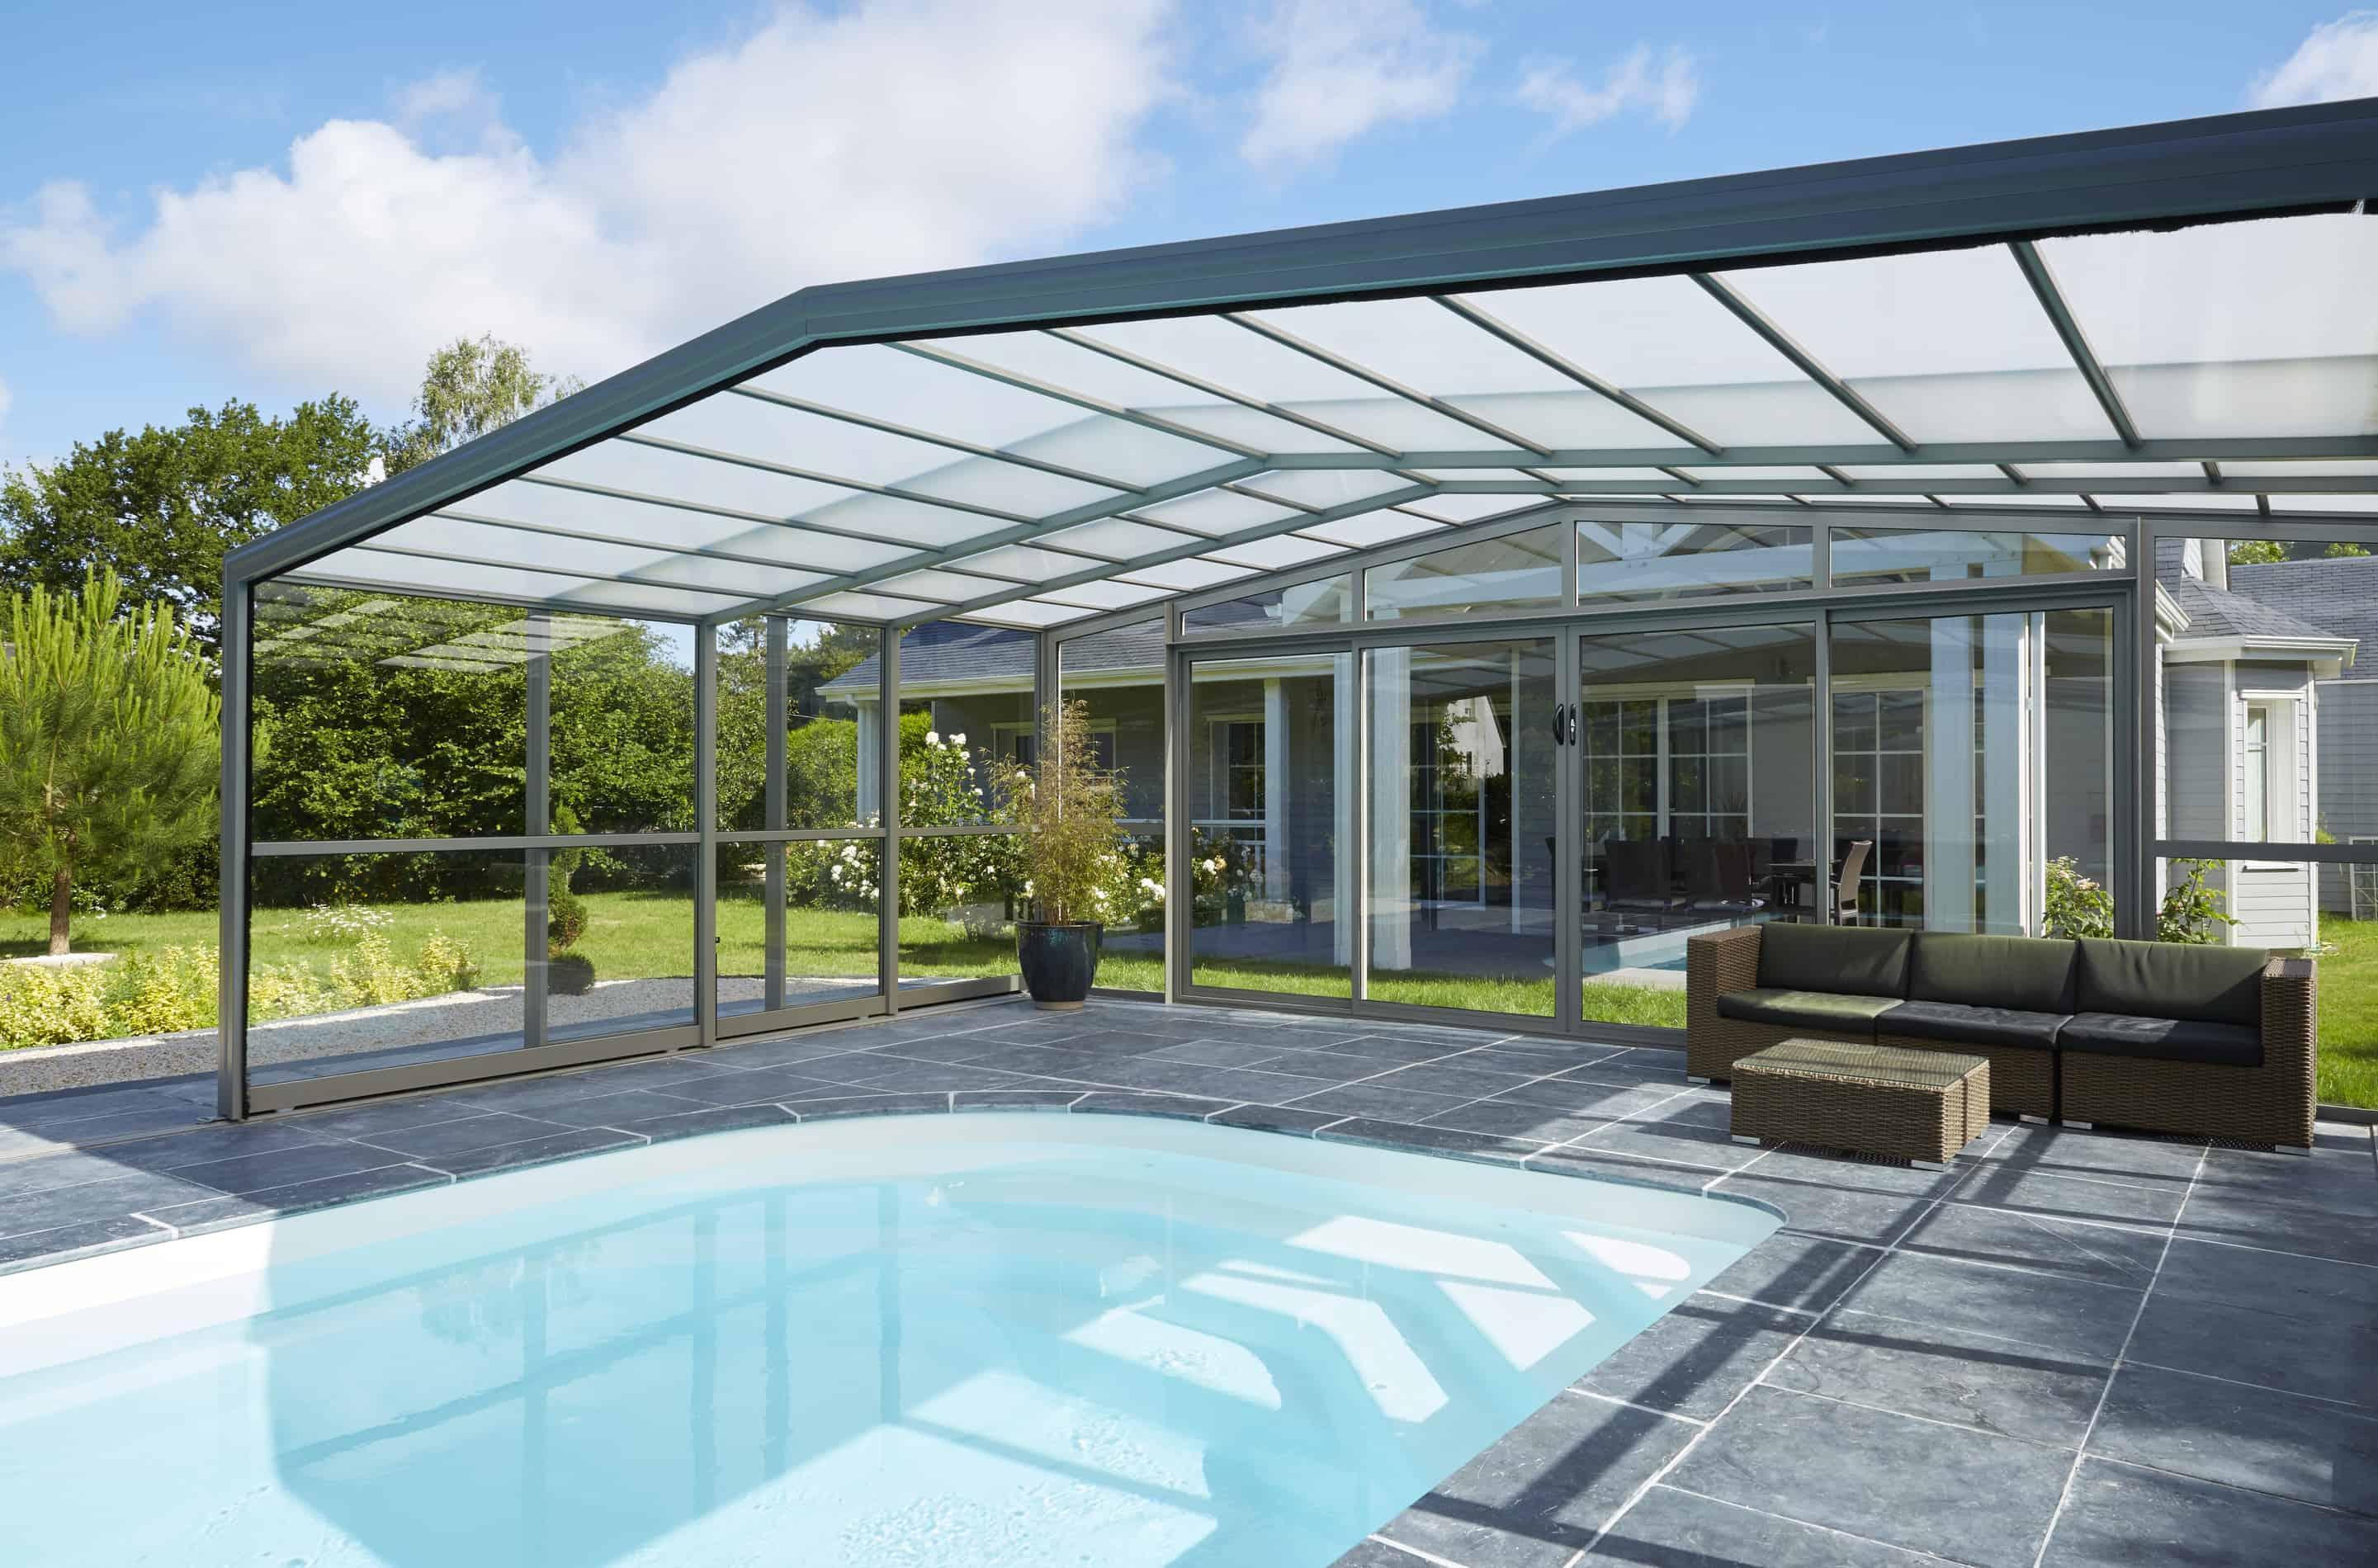 abri de piscine Verand'abris haut aménagement deco